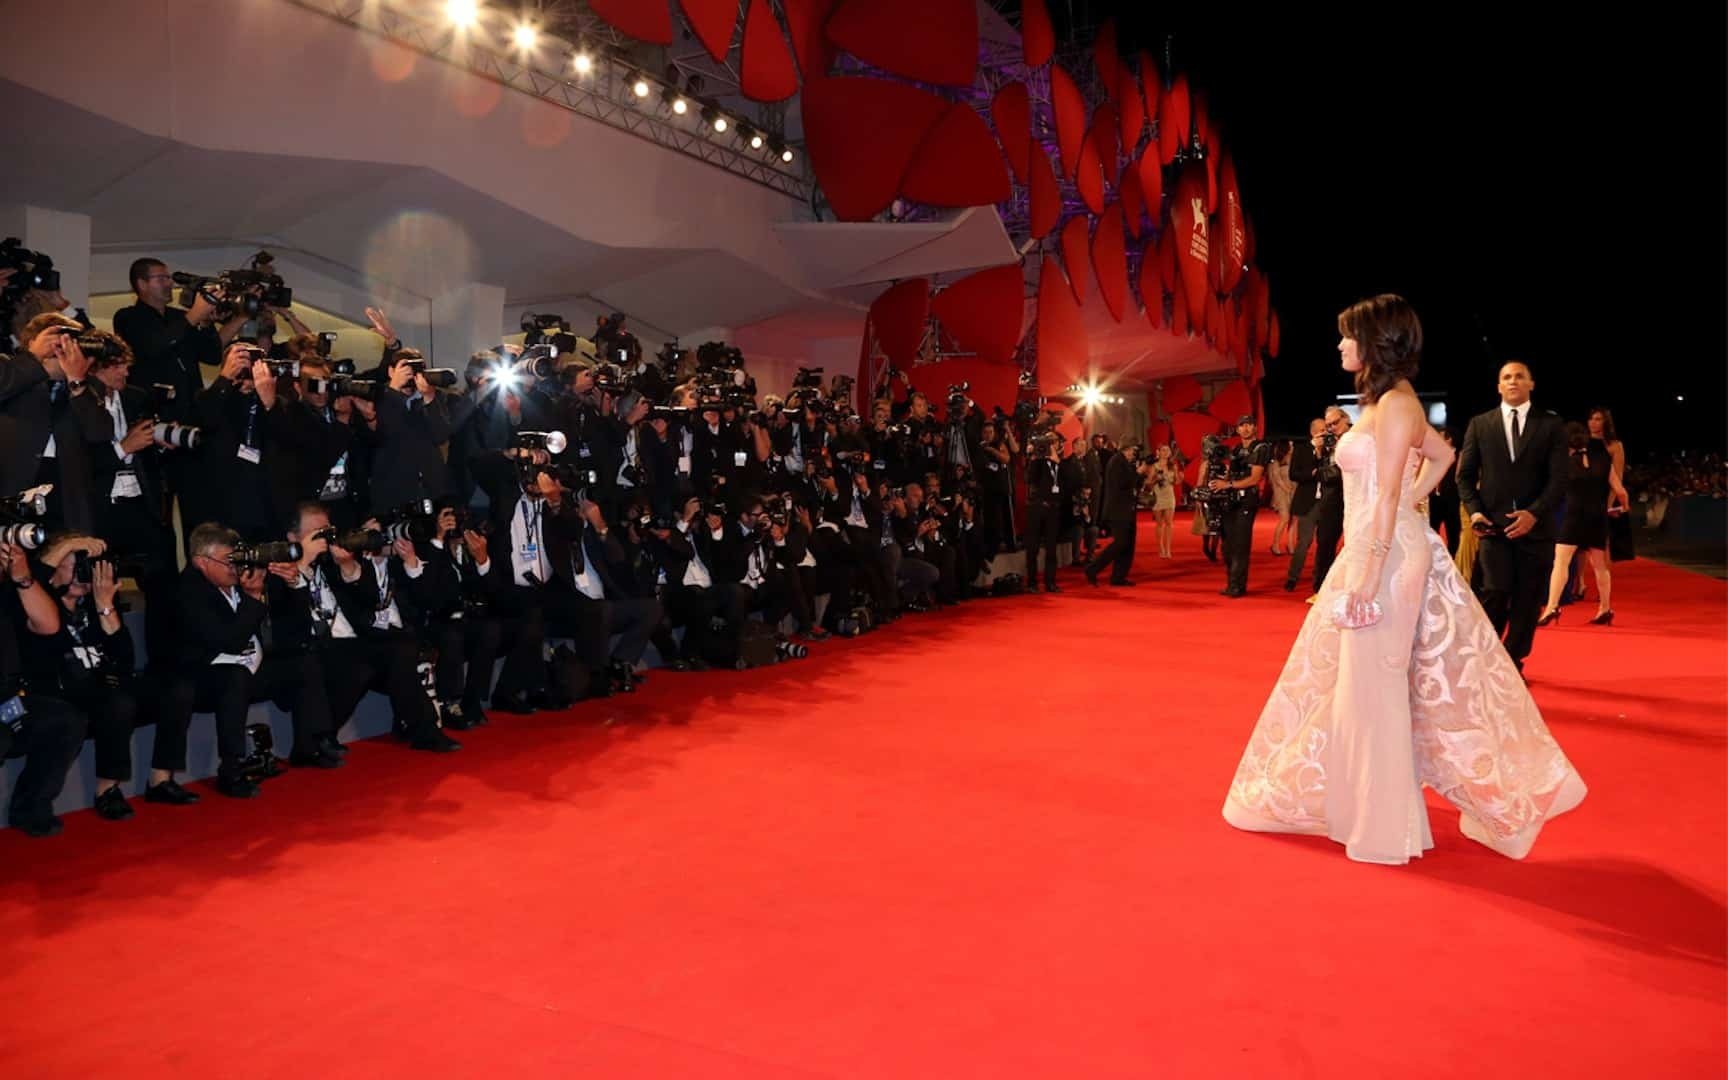 77-й Венецианский кинофестиваль всё же состоится осенью 2020 года